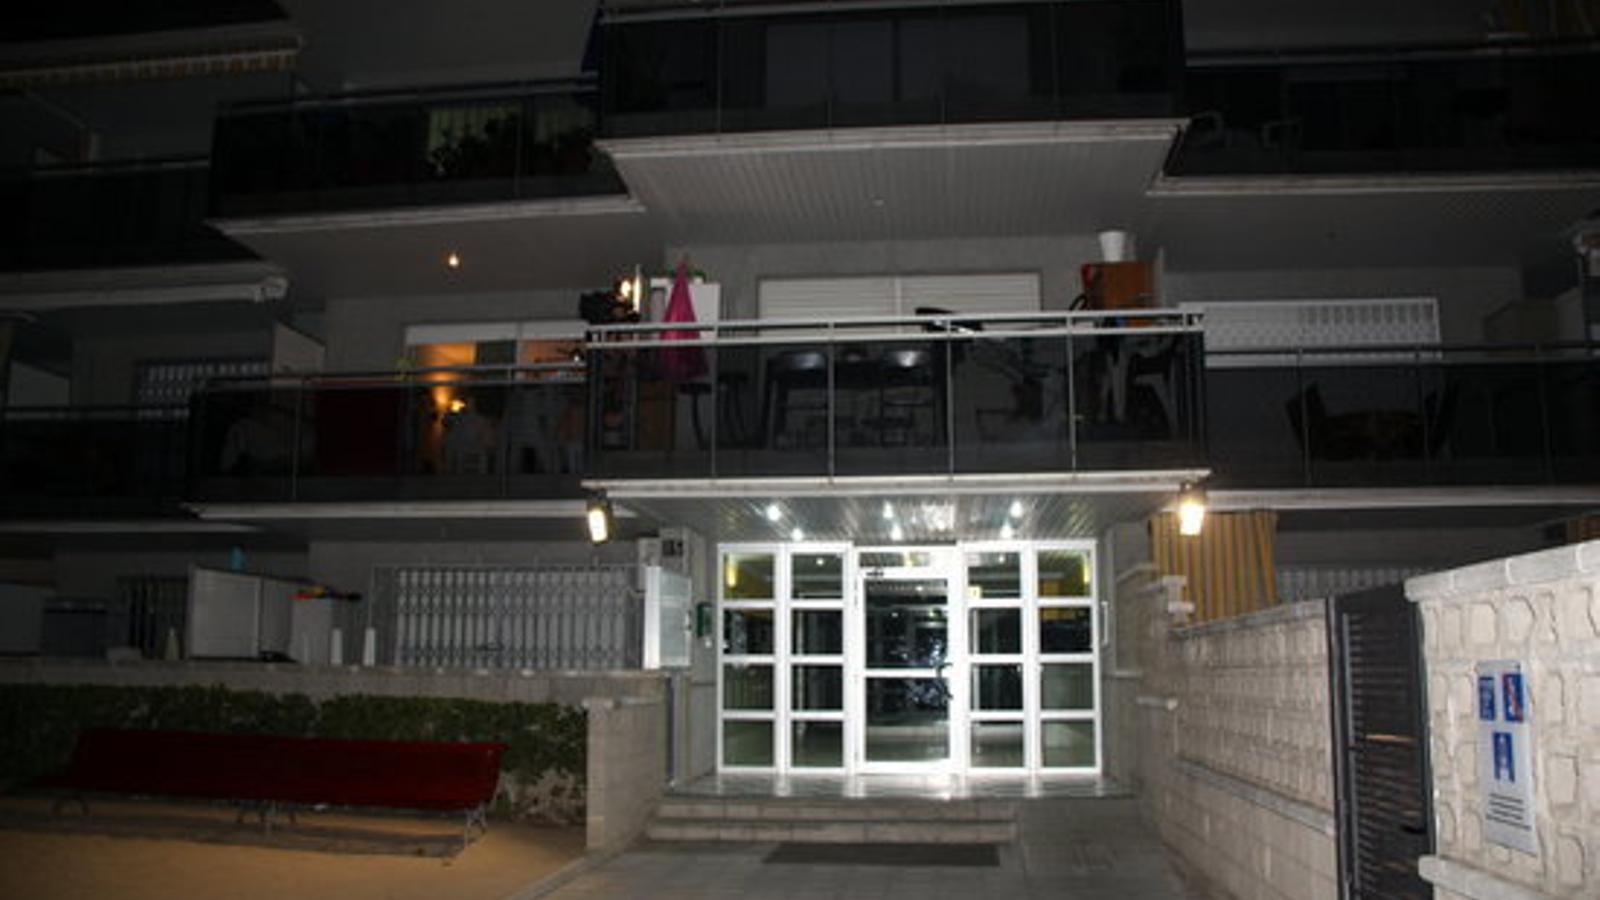 El bloc d'apartaments on han trobat la dona morta